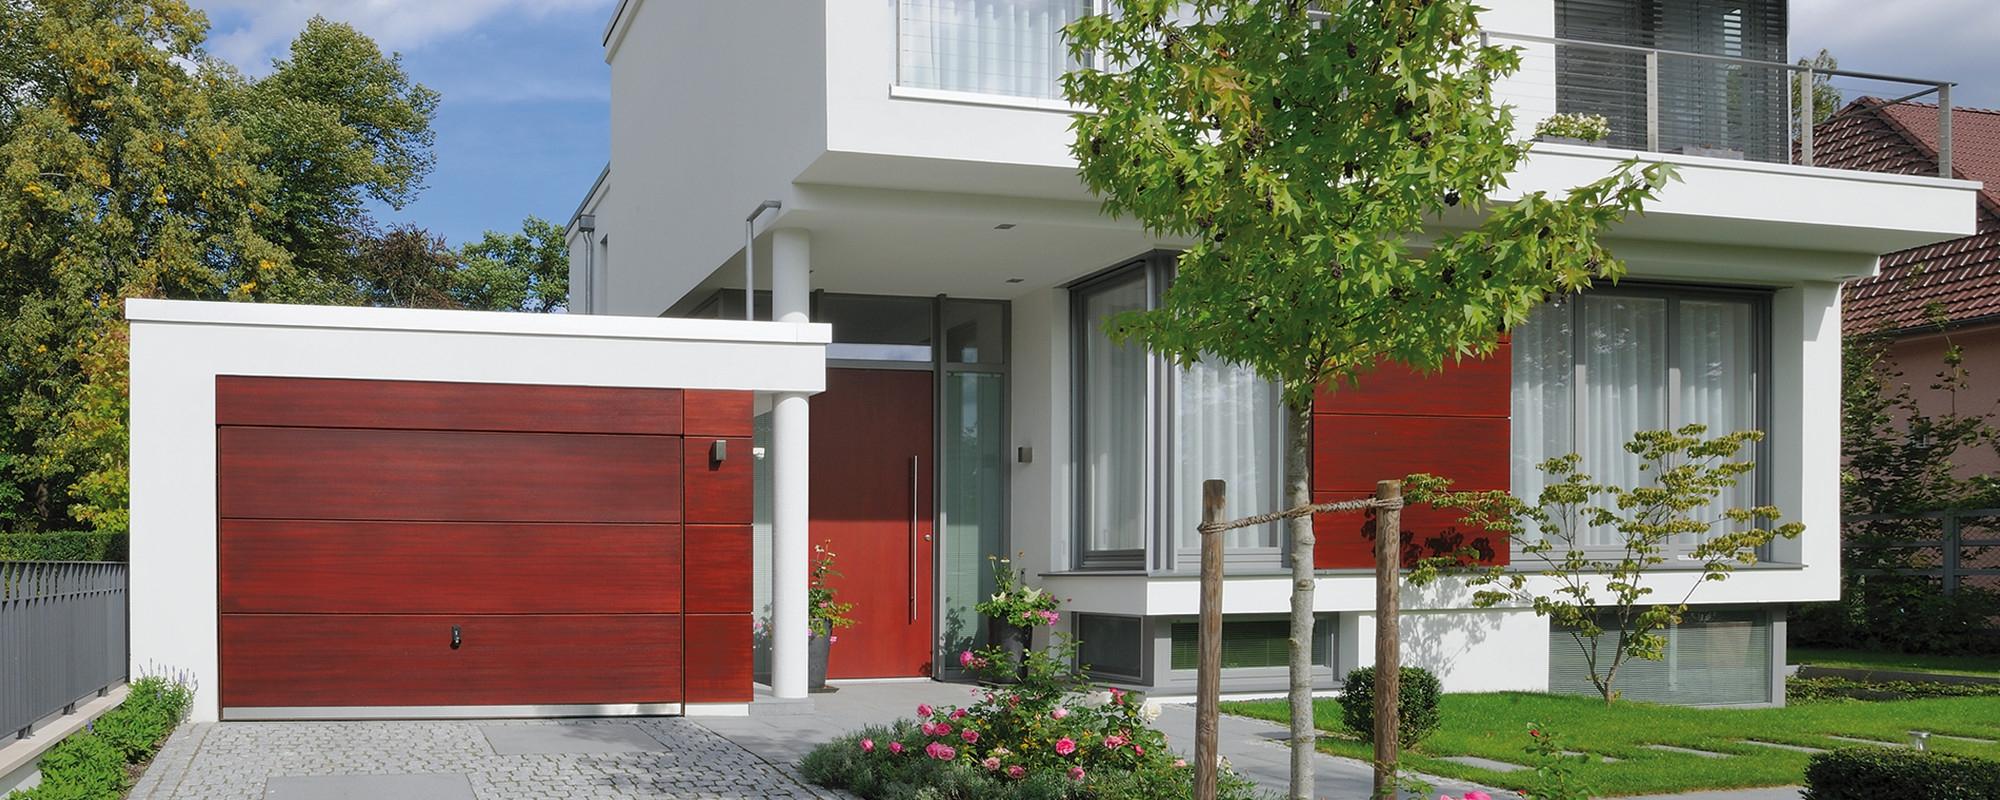 Hörmann garagedeuren Baarle Nassau-Hertog